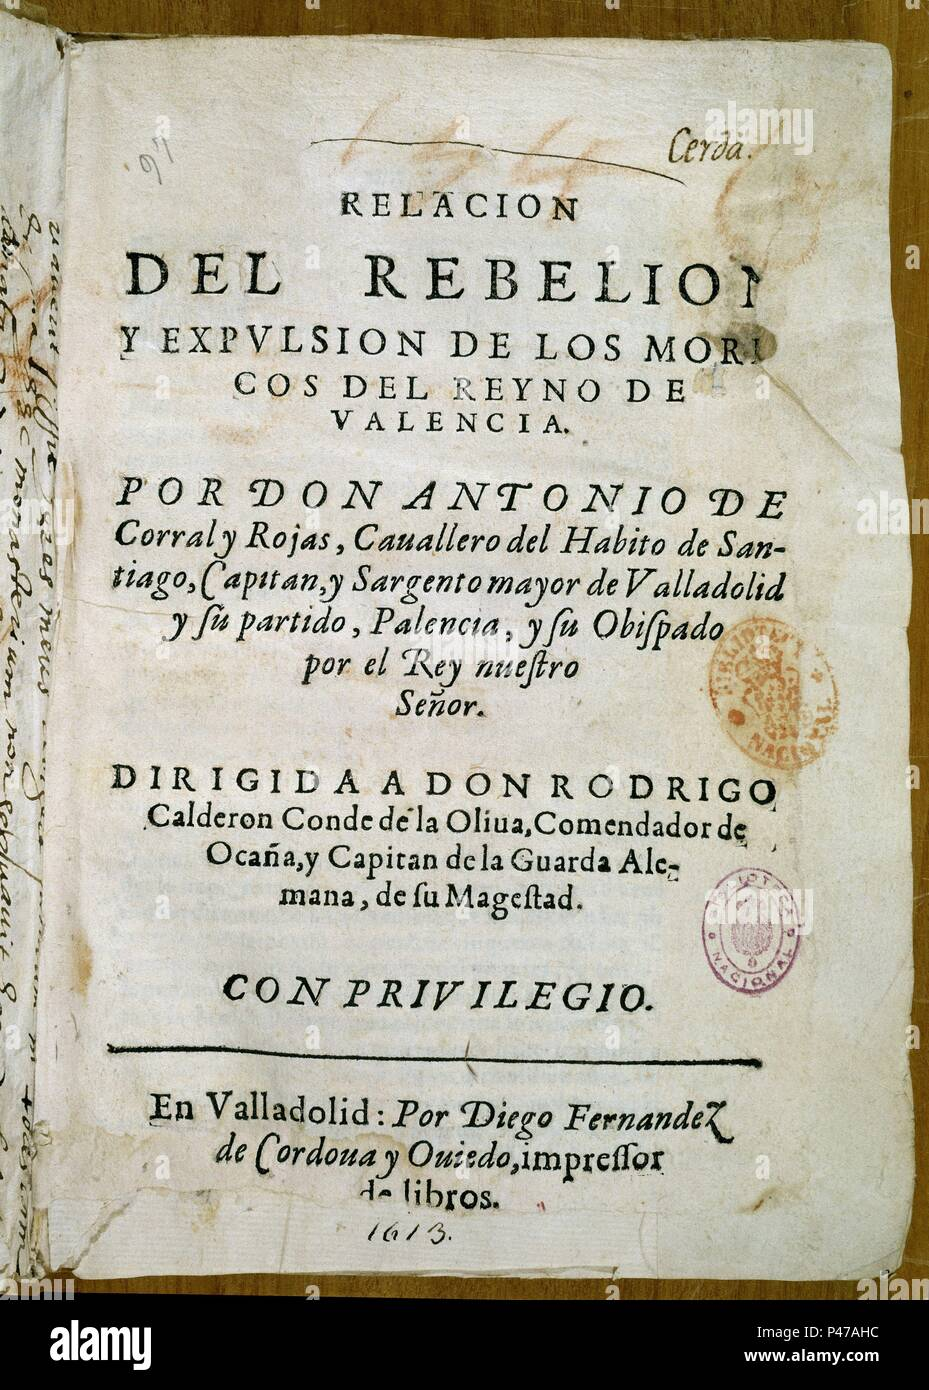 RELACION DE REBELION Y EXPULSION DE LOS MORISCOS DEL REINO VALENCIA-VALLADOLID 1613. Author: CORRAL A. Location: BIBLIOTECA NACIONAL-COLECCION, MADRID. Stock Photo